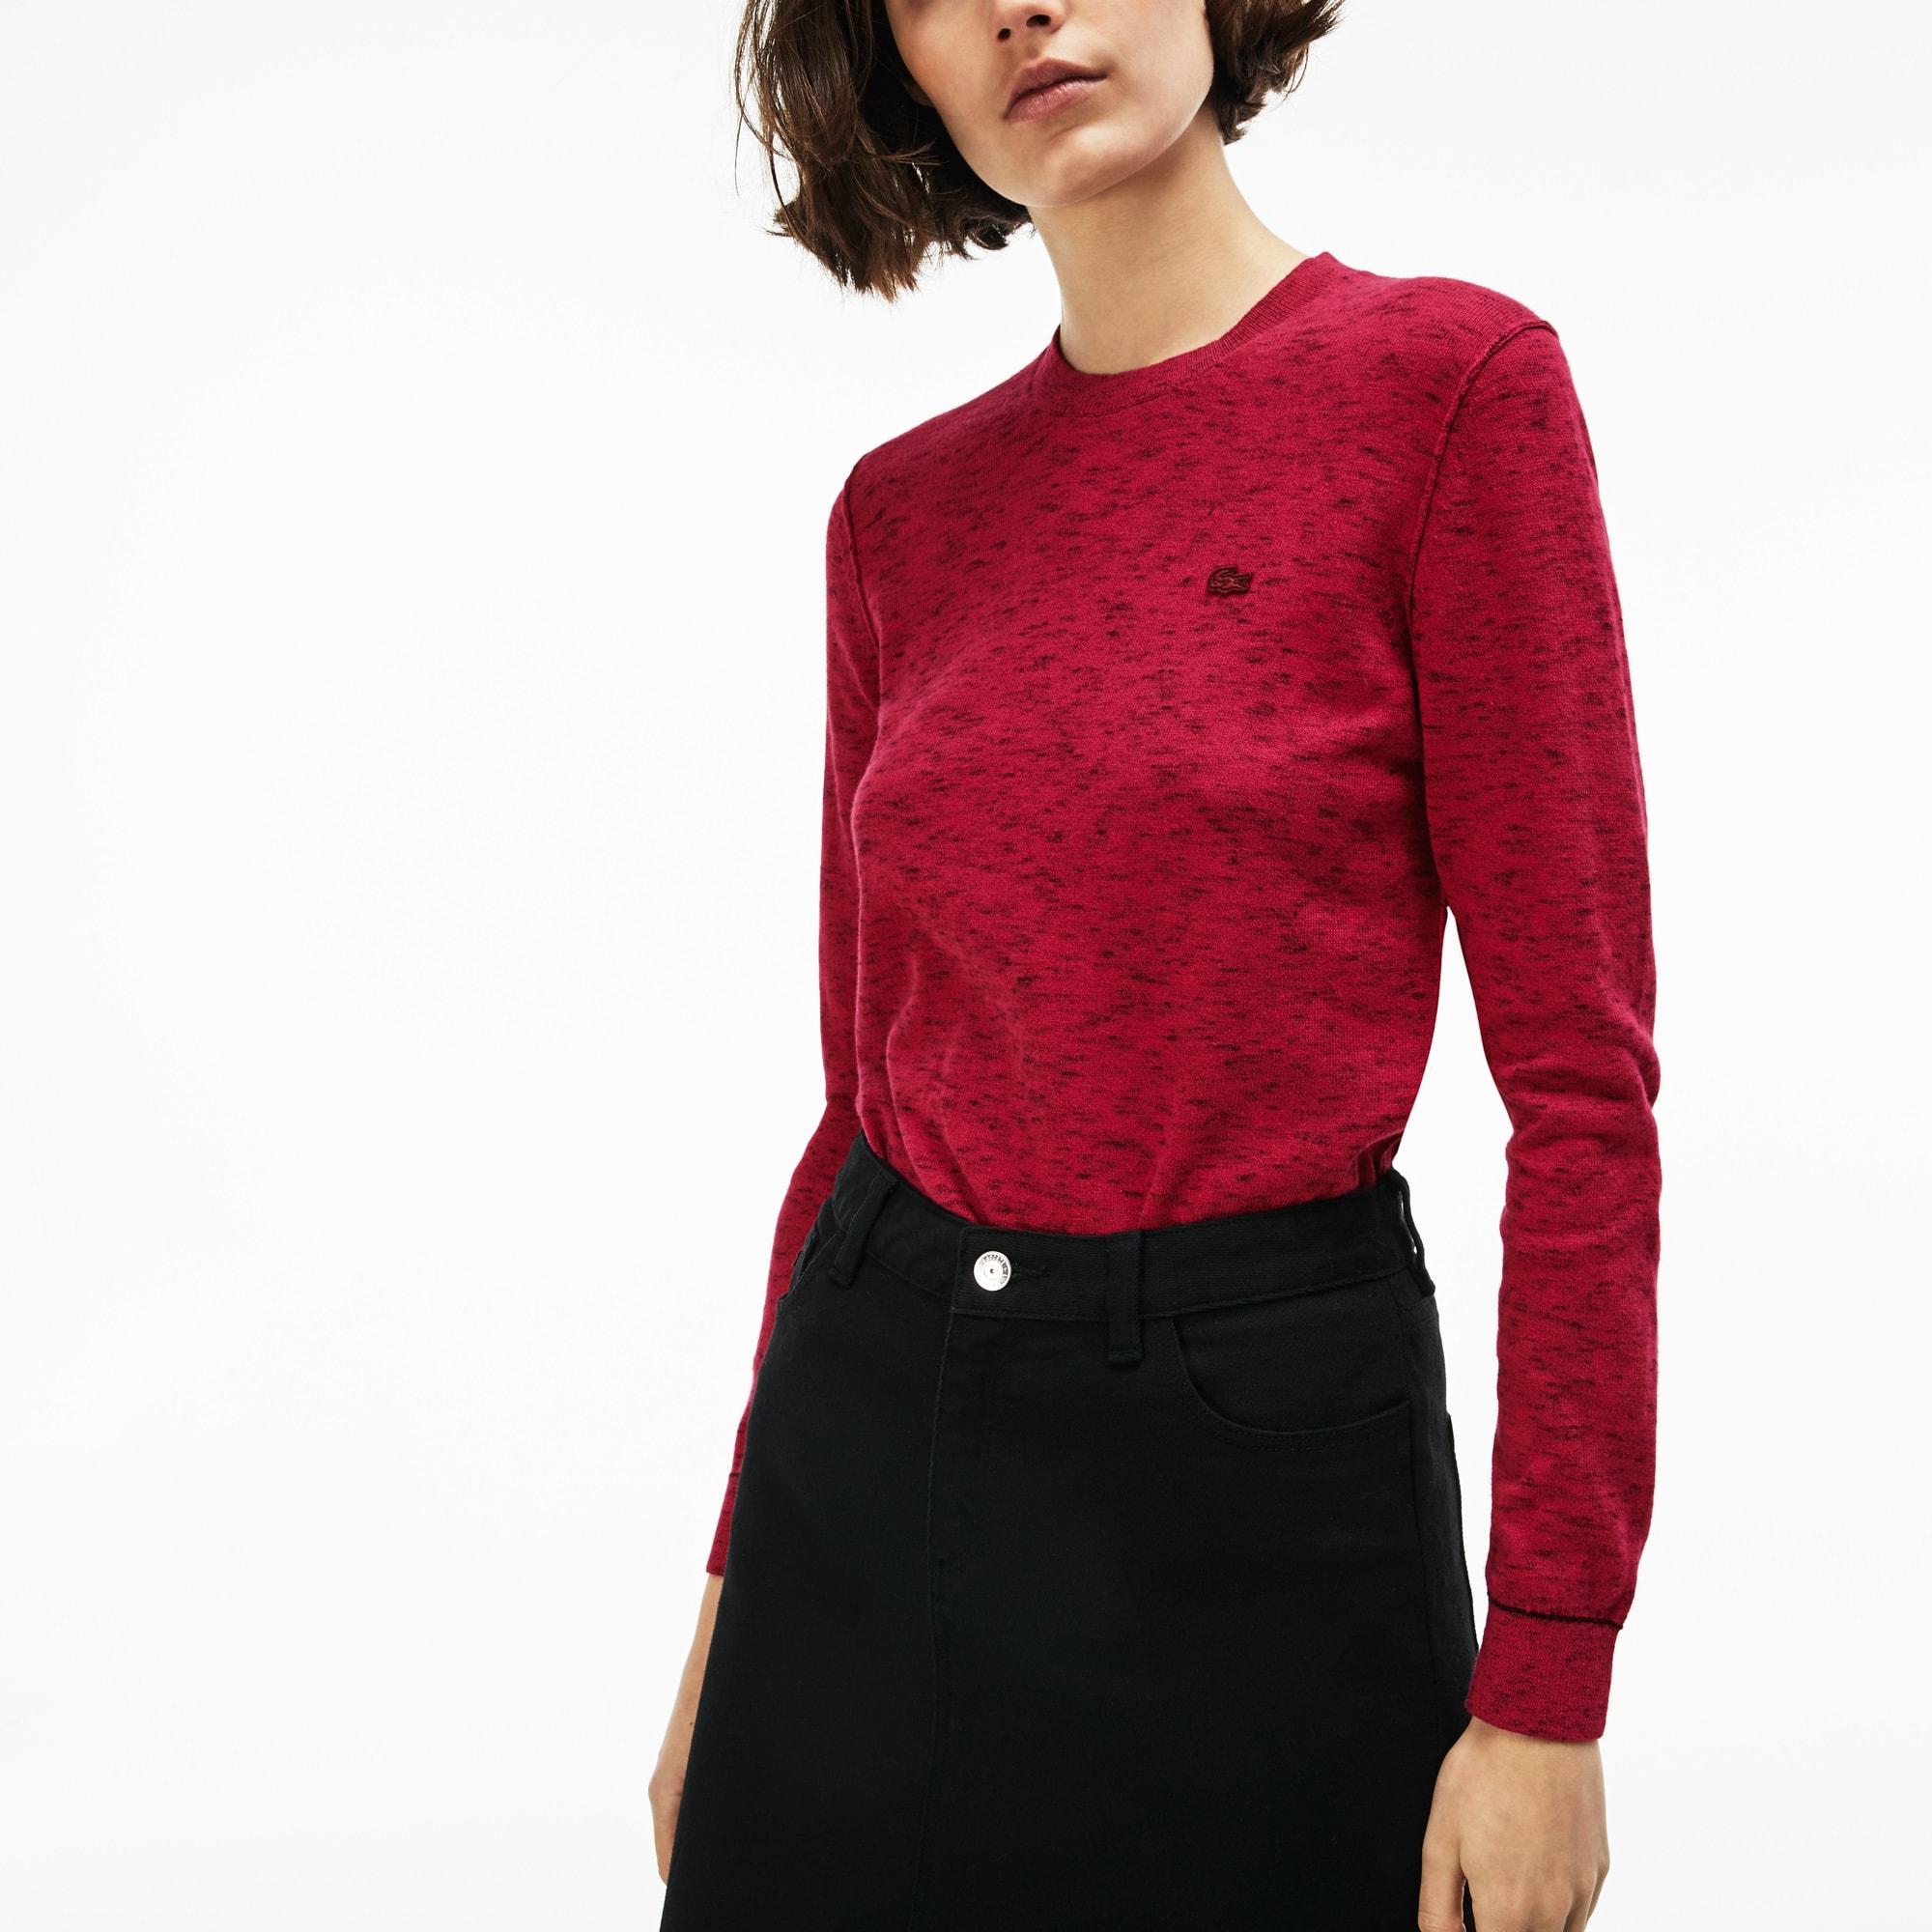 Lacoste LIVE-sweater dames ronde hals katoen en kasjmierjersey